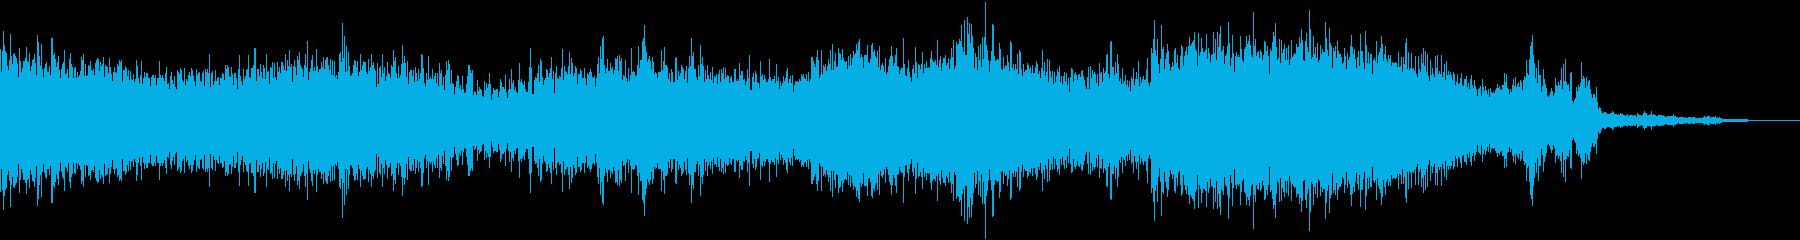 【ホラーゲーム】 予期しない合図、予兆の再生済みの波形